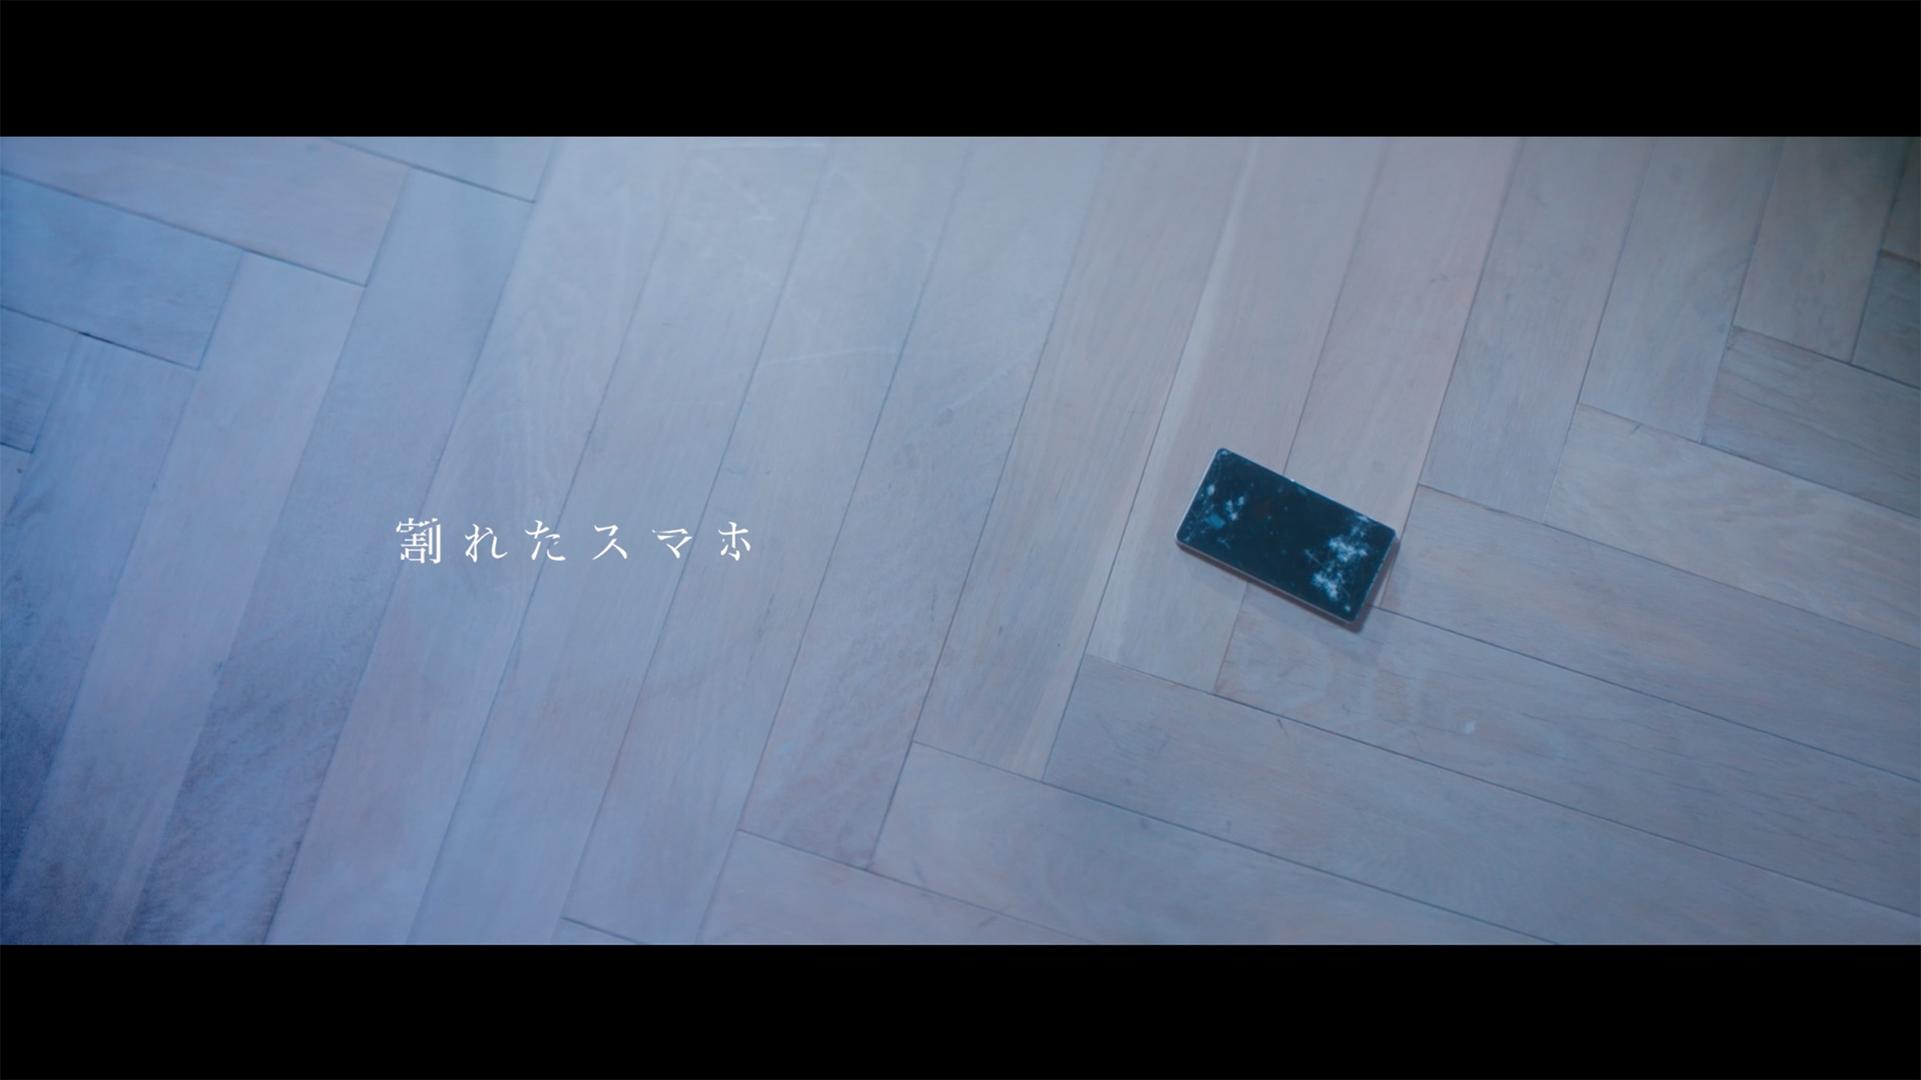 欅坂46「割れたスマホ」